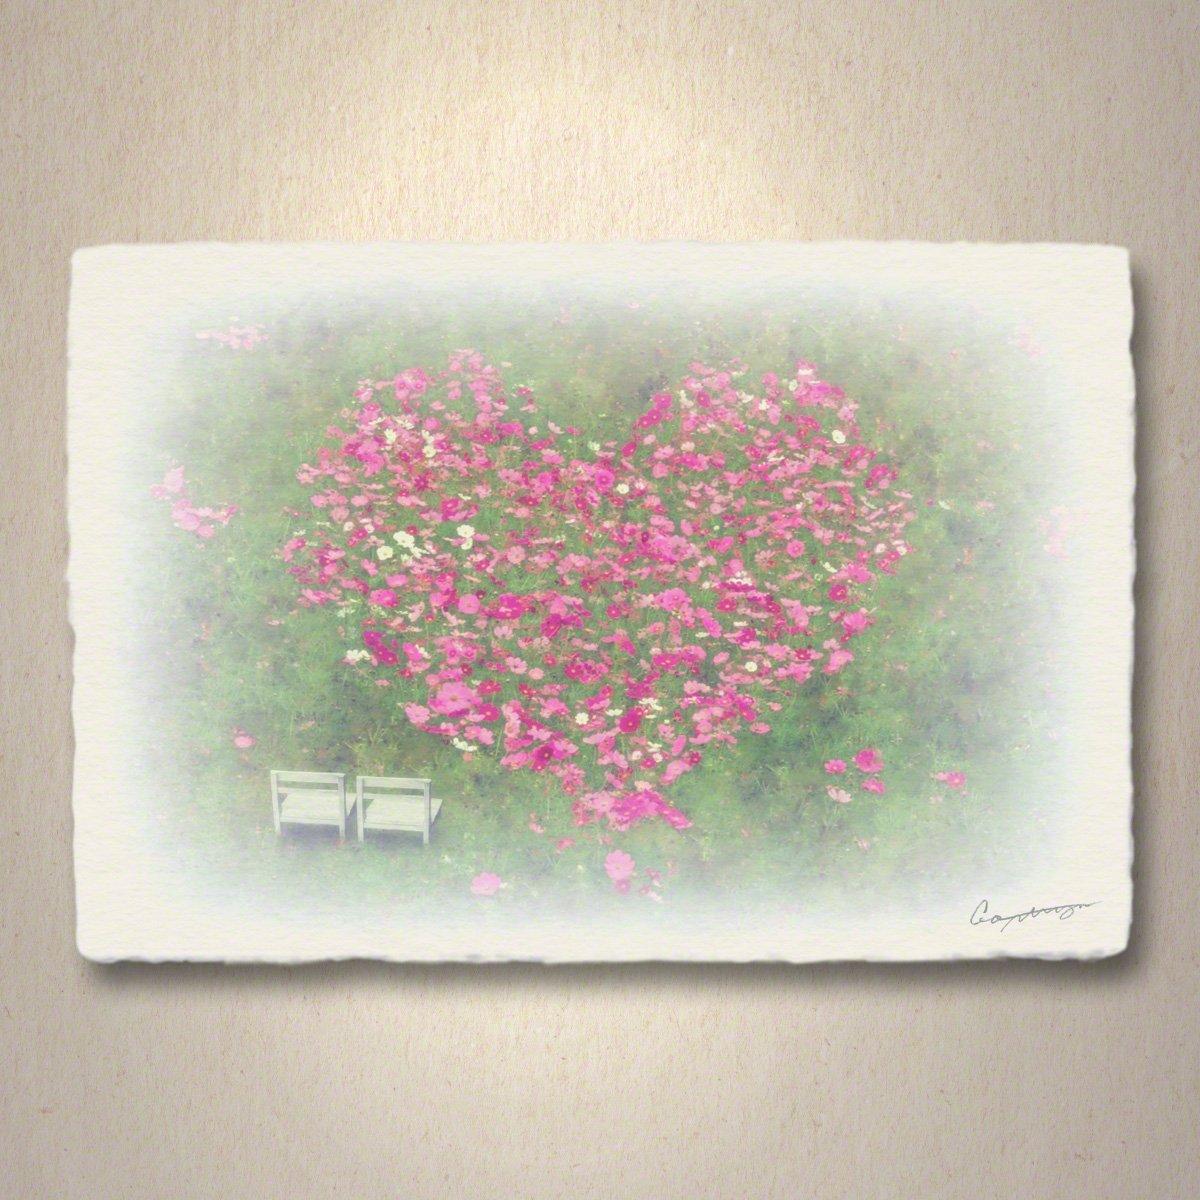 和紙 アートパネル 「ハートのコスモスの花畑と白い椅子」 (54x36cm) 結婚祝い プレゼント 絵 絵画 壁掛け 壁飾り インテリア アート B076NRBH1Q 15.アートパネル(長辺54cm) 29800円|ハートのコスモスの花畑と白い椅子 ハートのコスモスの花畑と白い椅子 15.アートパネル(長辺54cm) 29800円